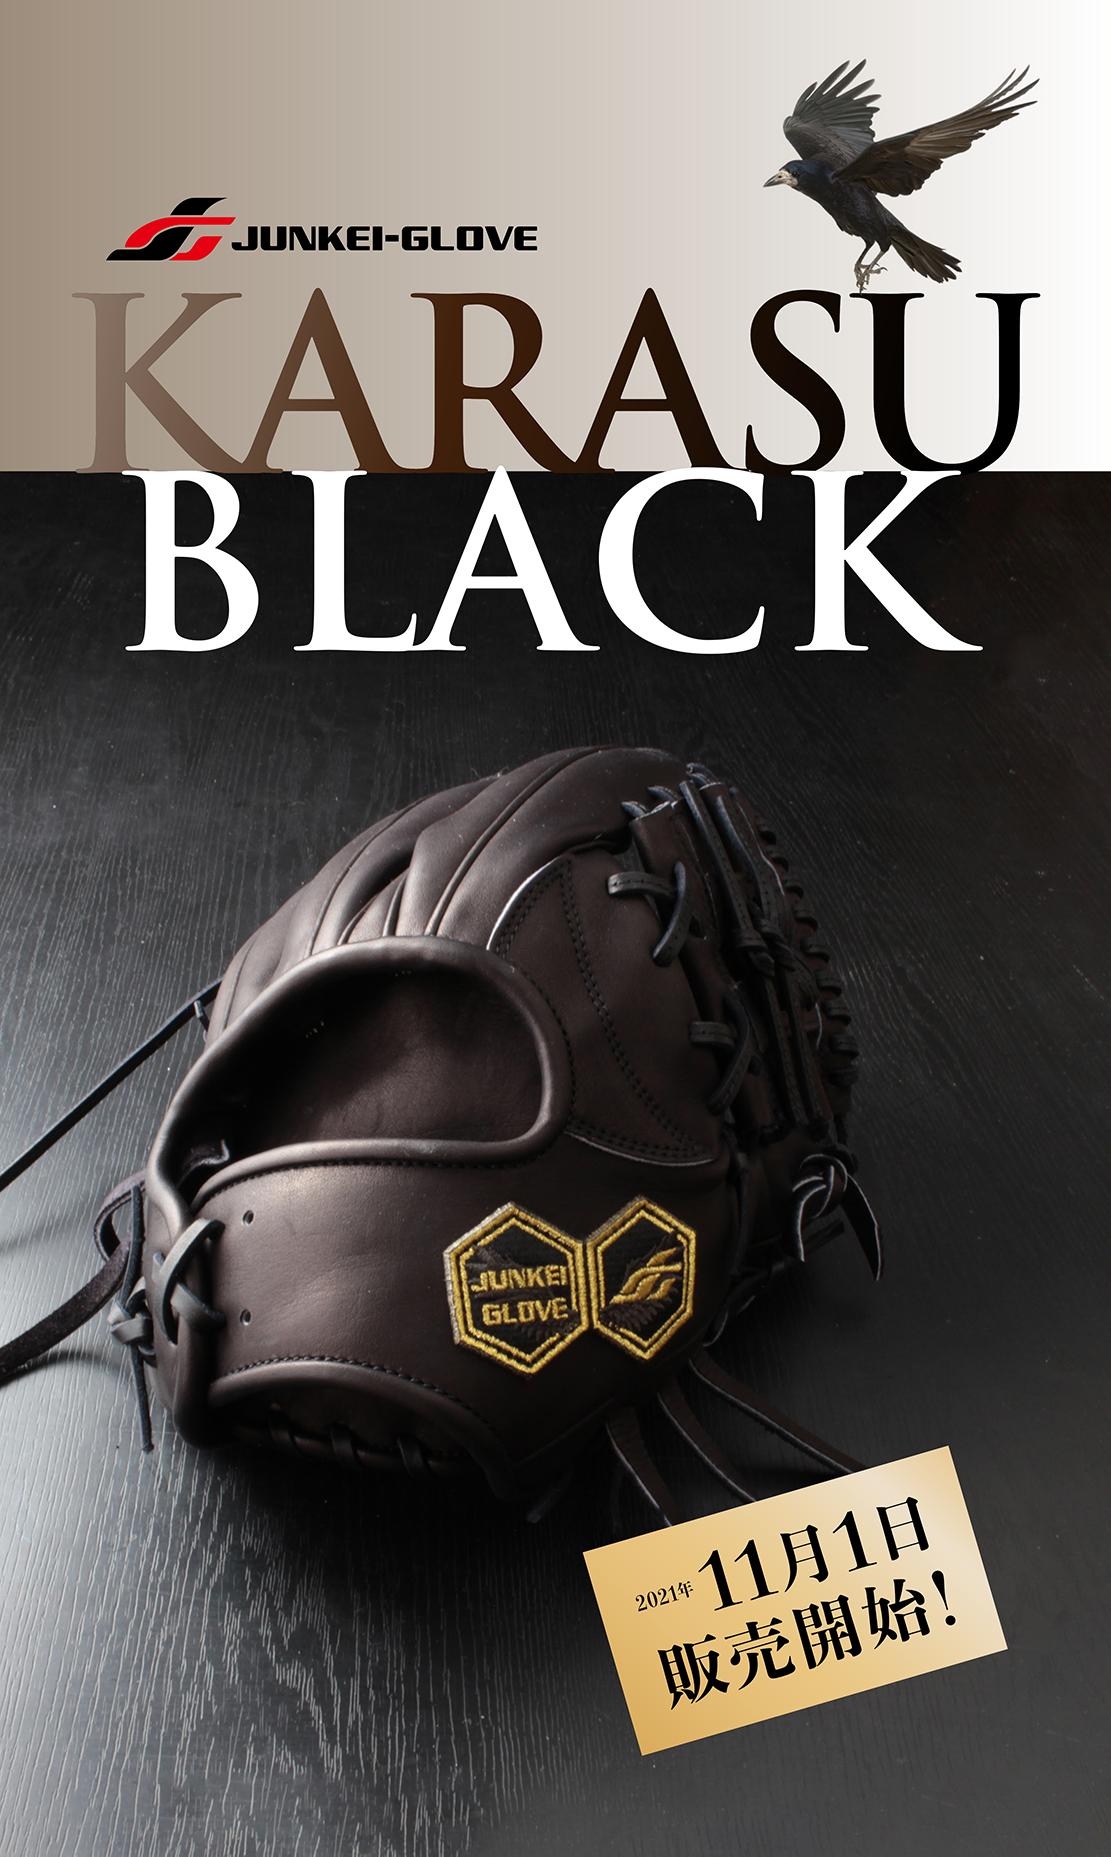 KARASU BLACK 2021年11月1日販売開始!